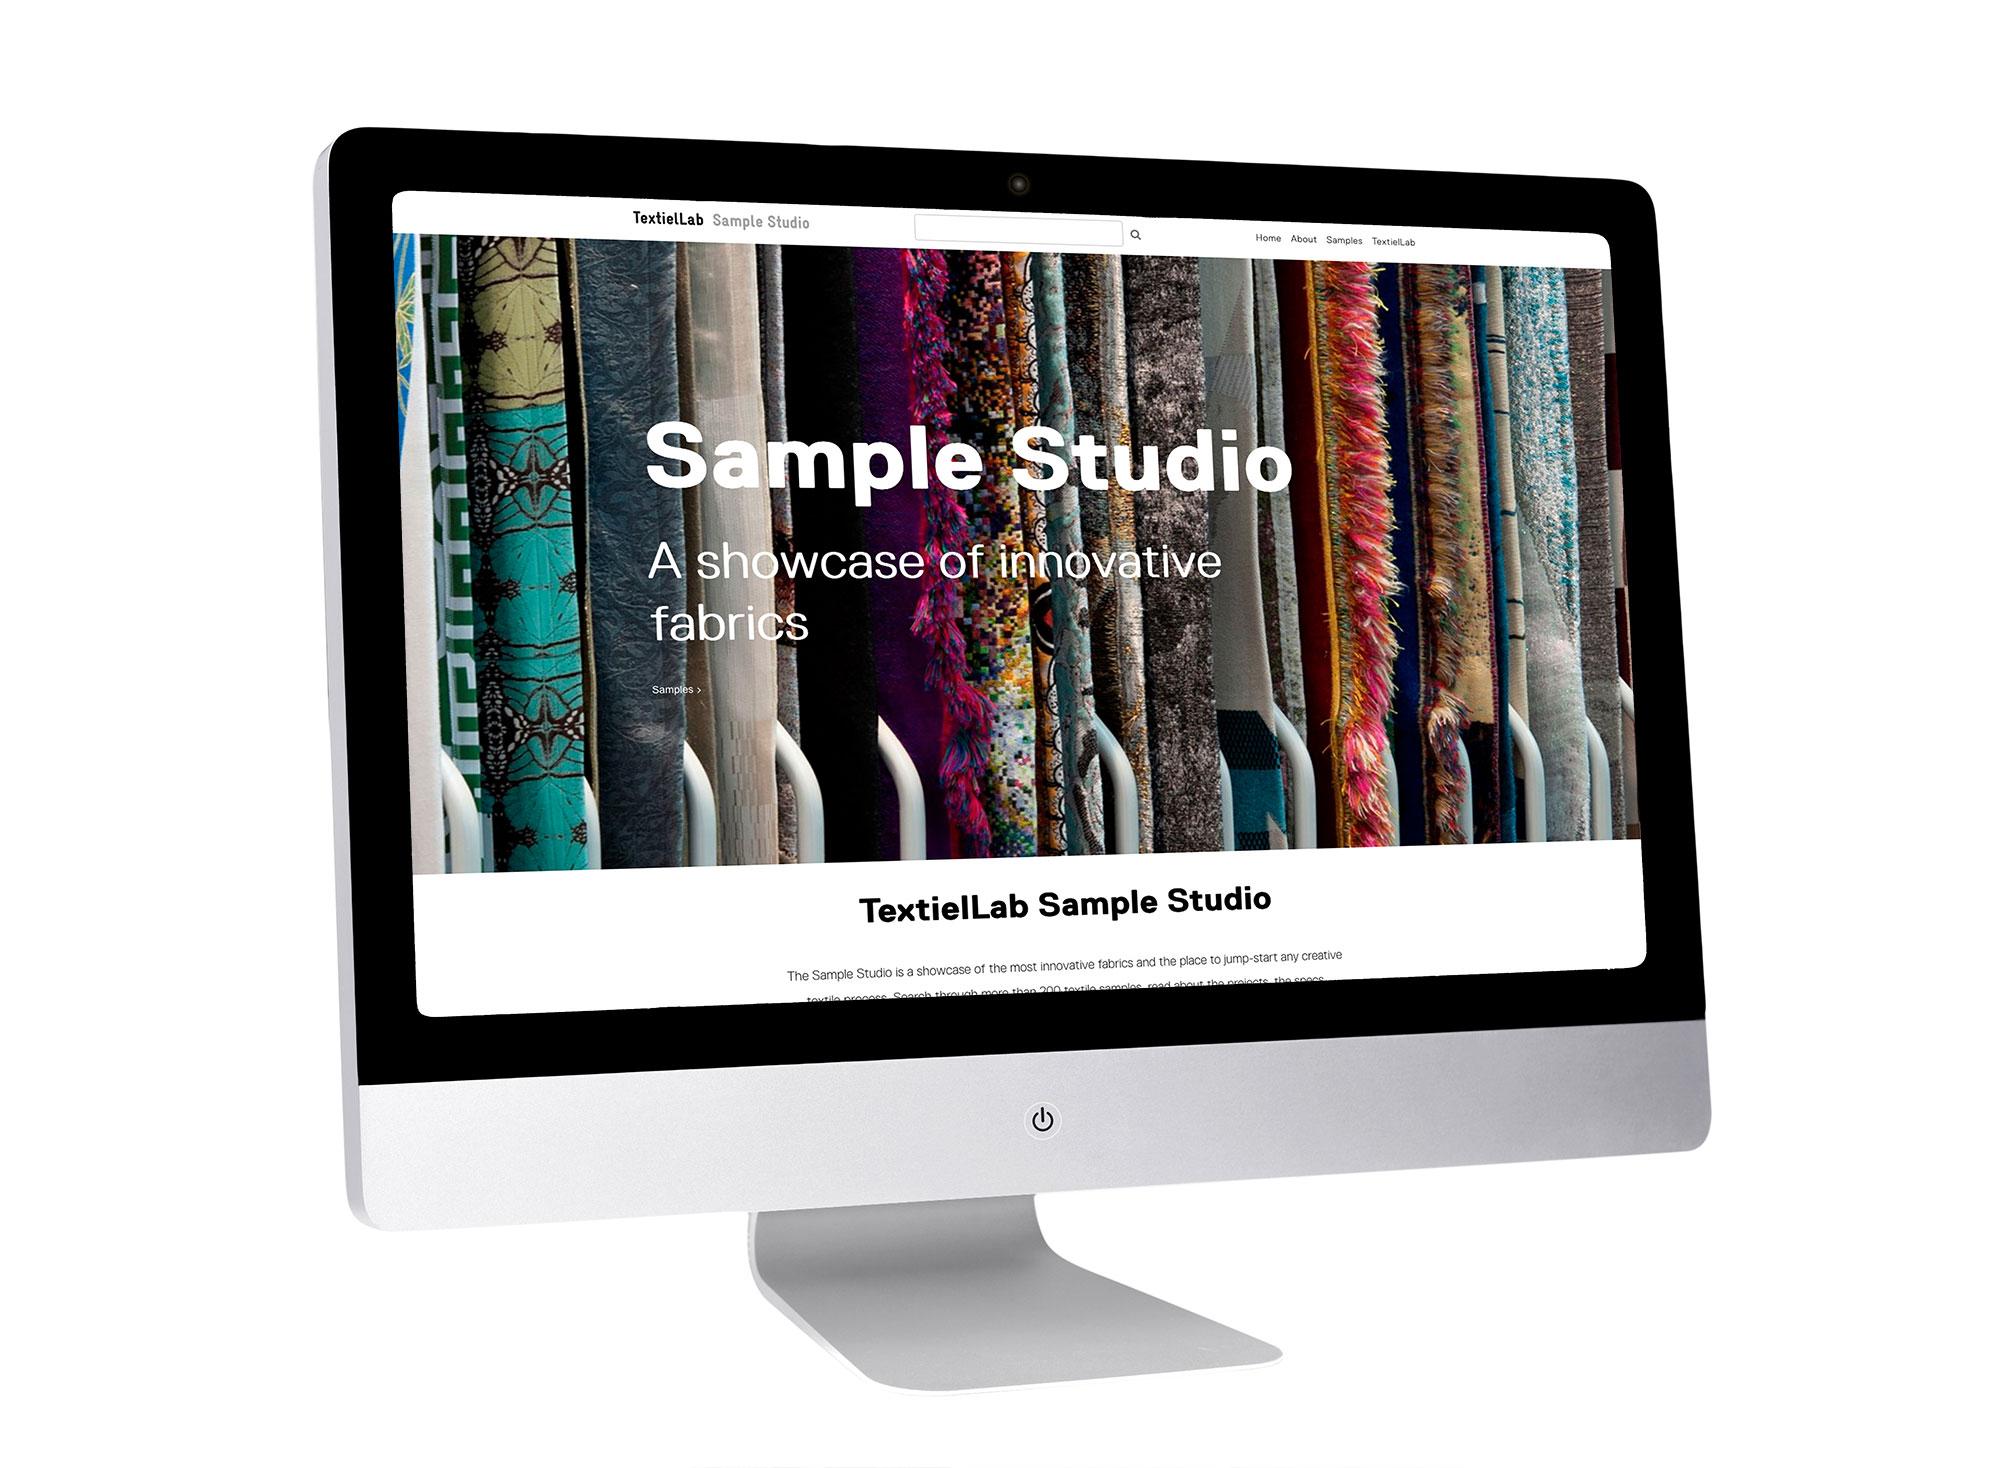 AdobeStock_58639571a.jpg